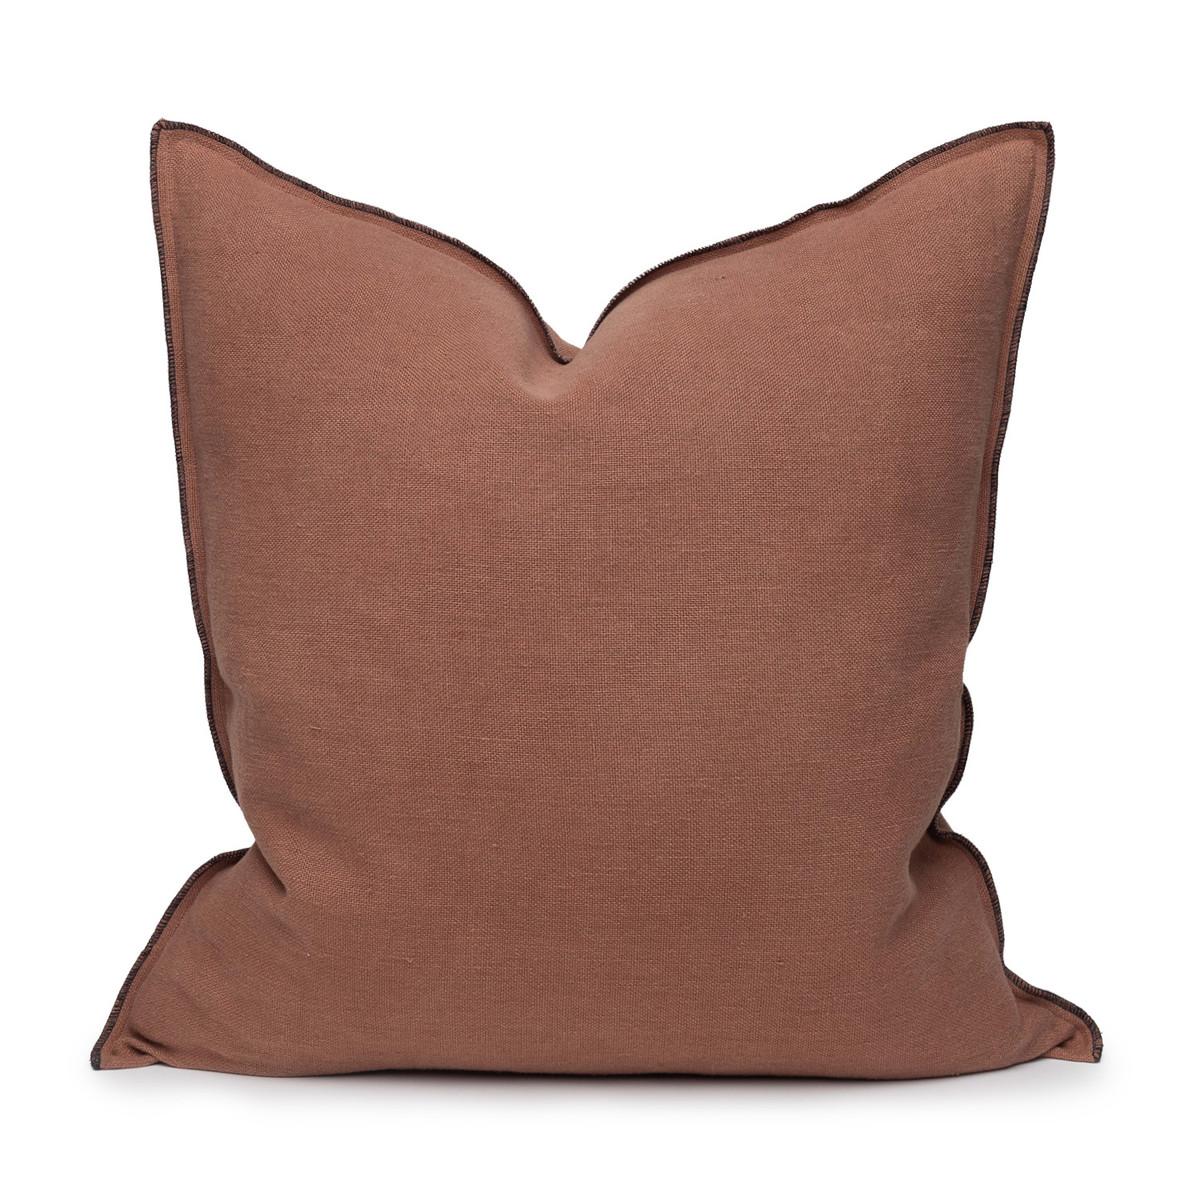 Santal Linen Pillow 22 - Bark - Front View